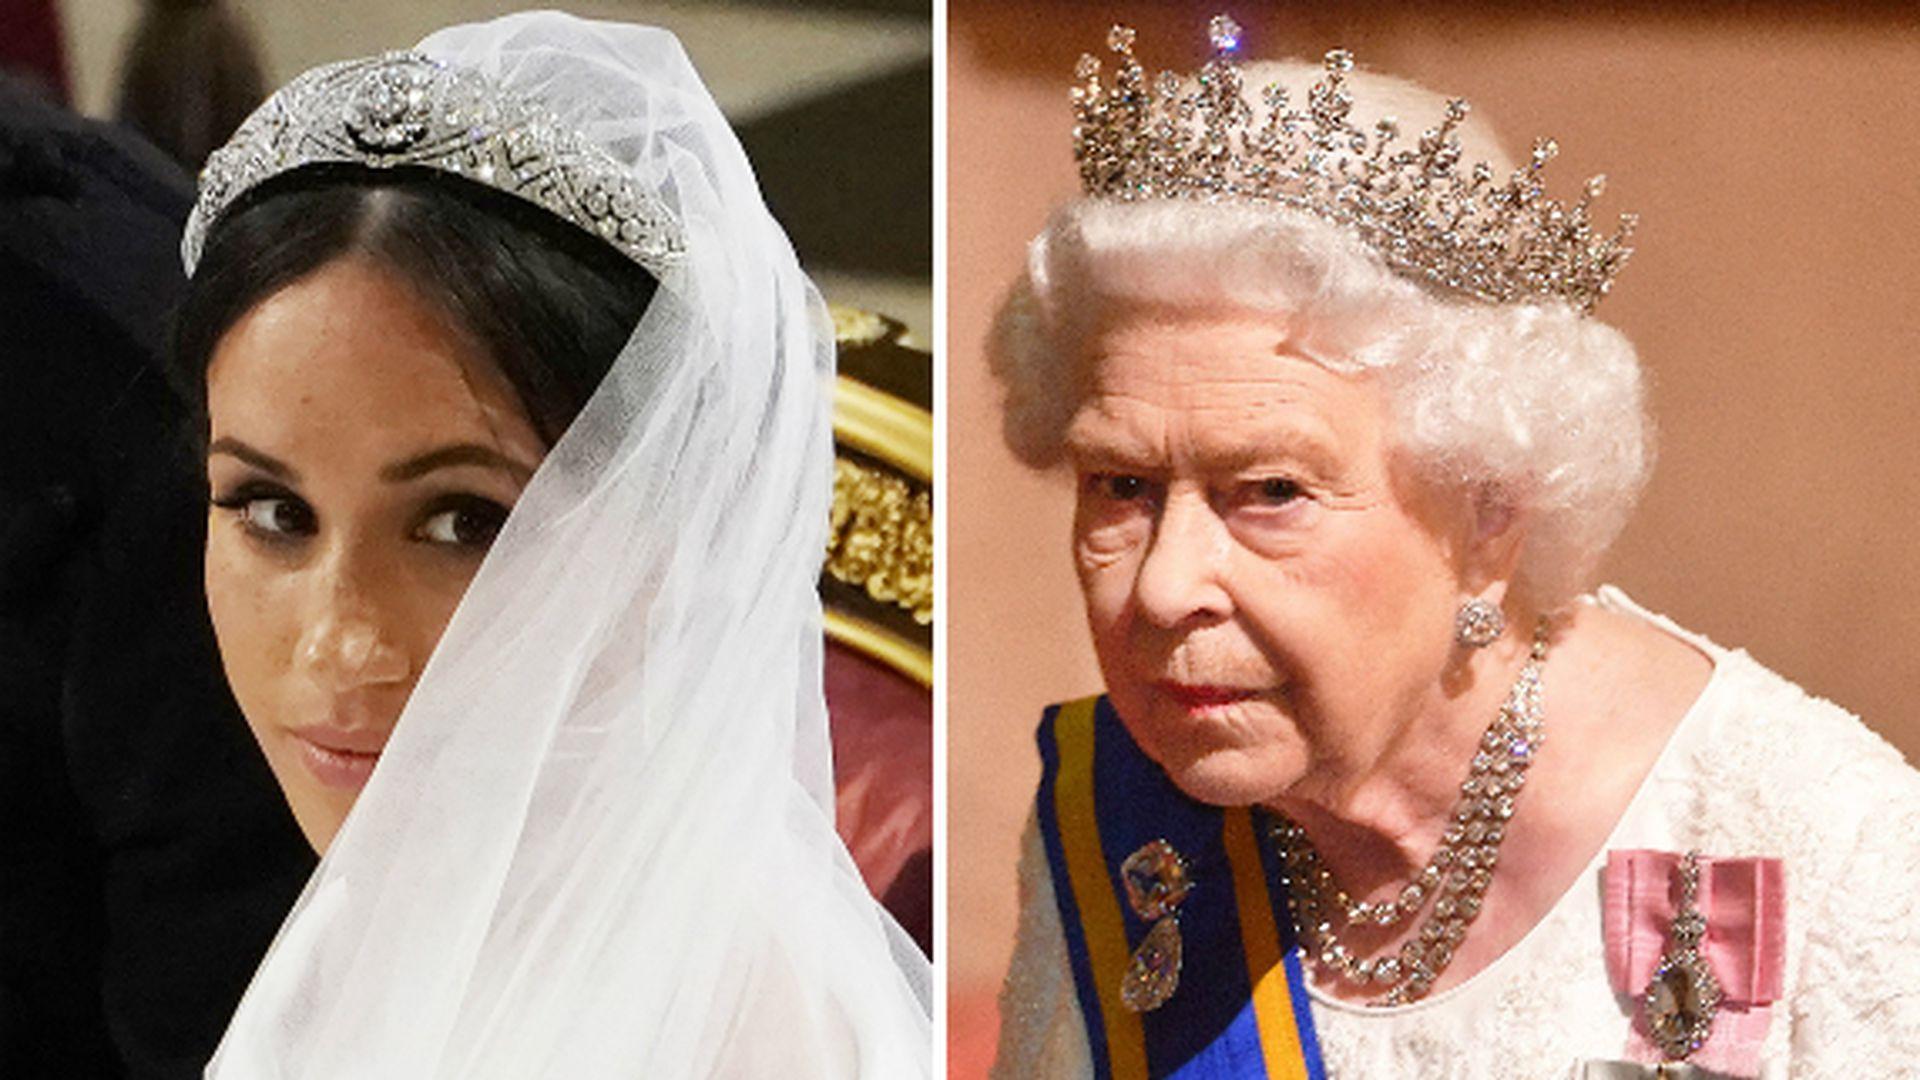 La reina estaba en contra de Meghan divorciada vistiendo velos